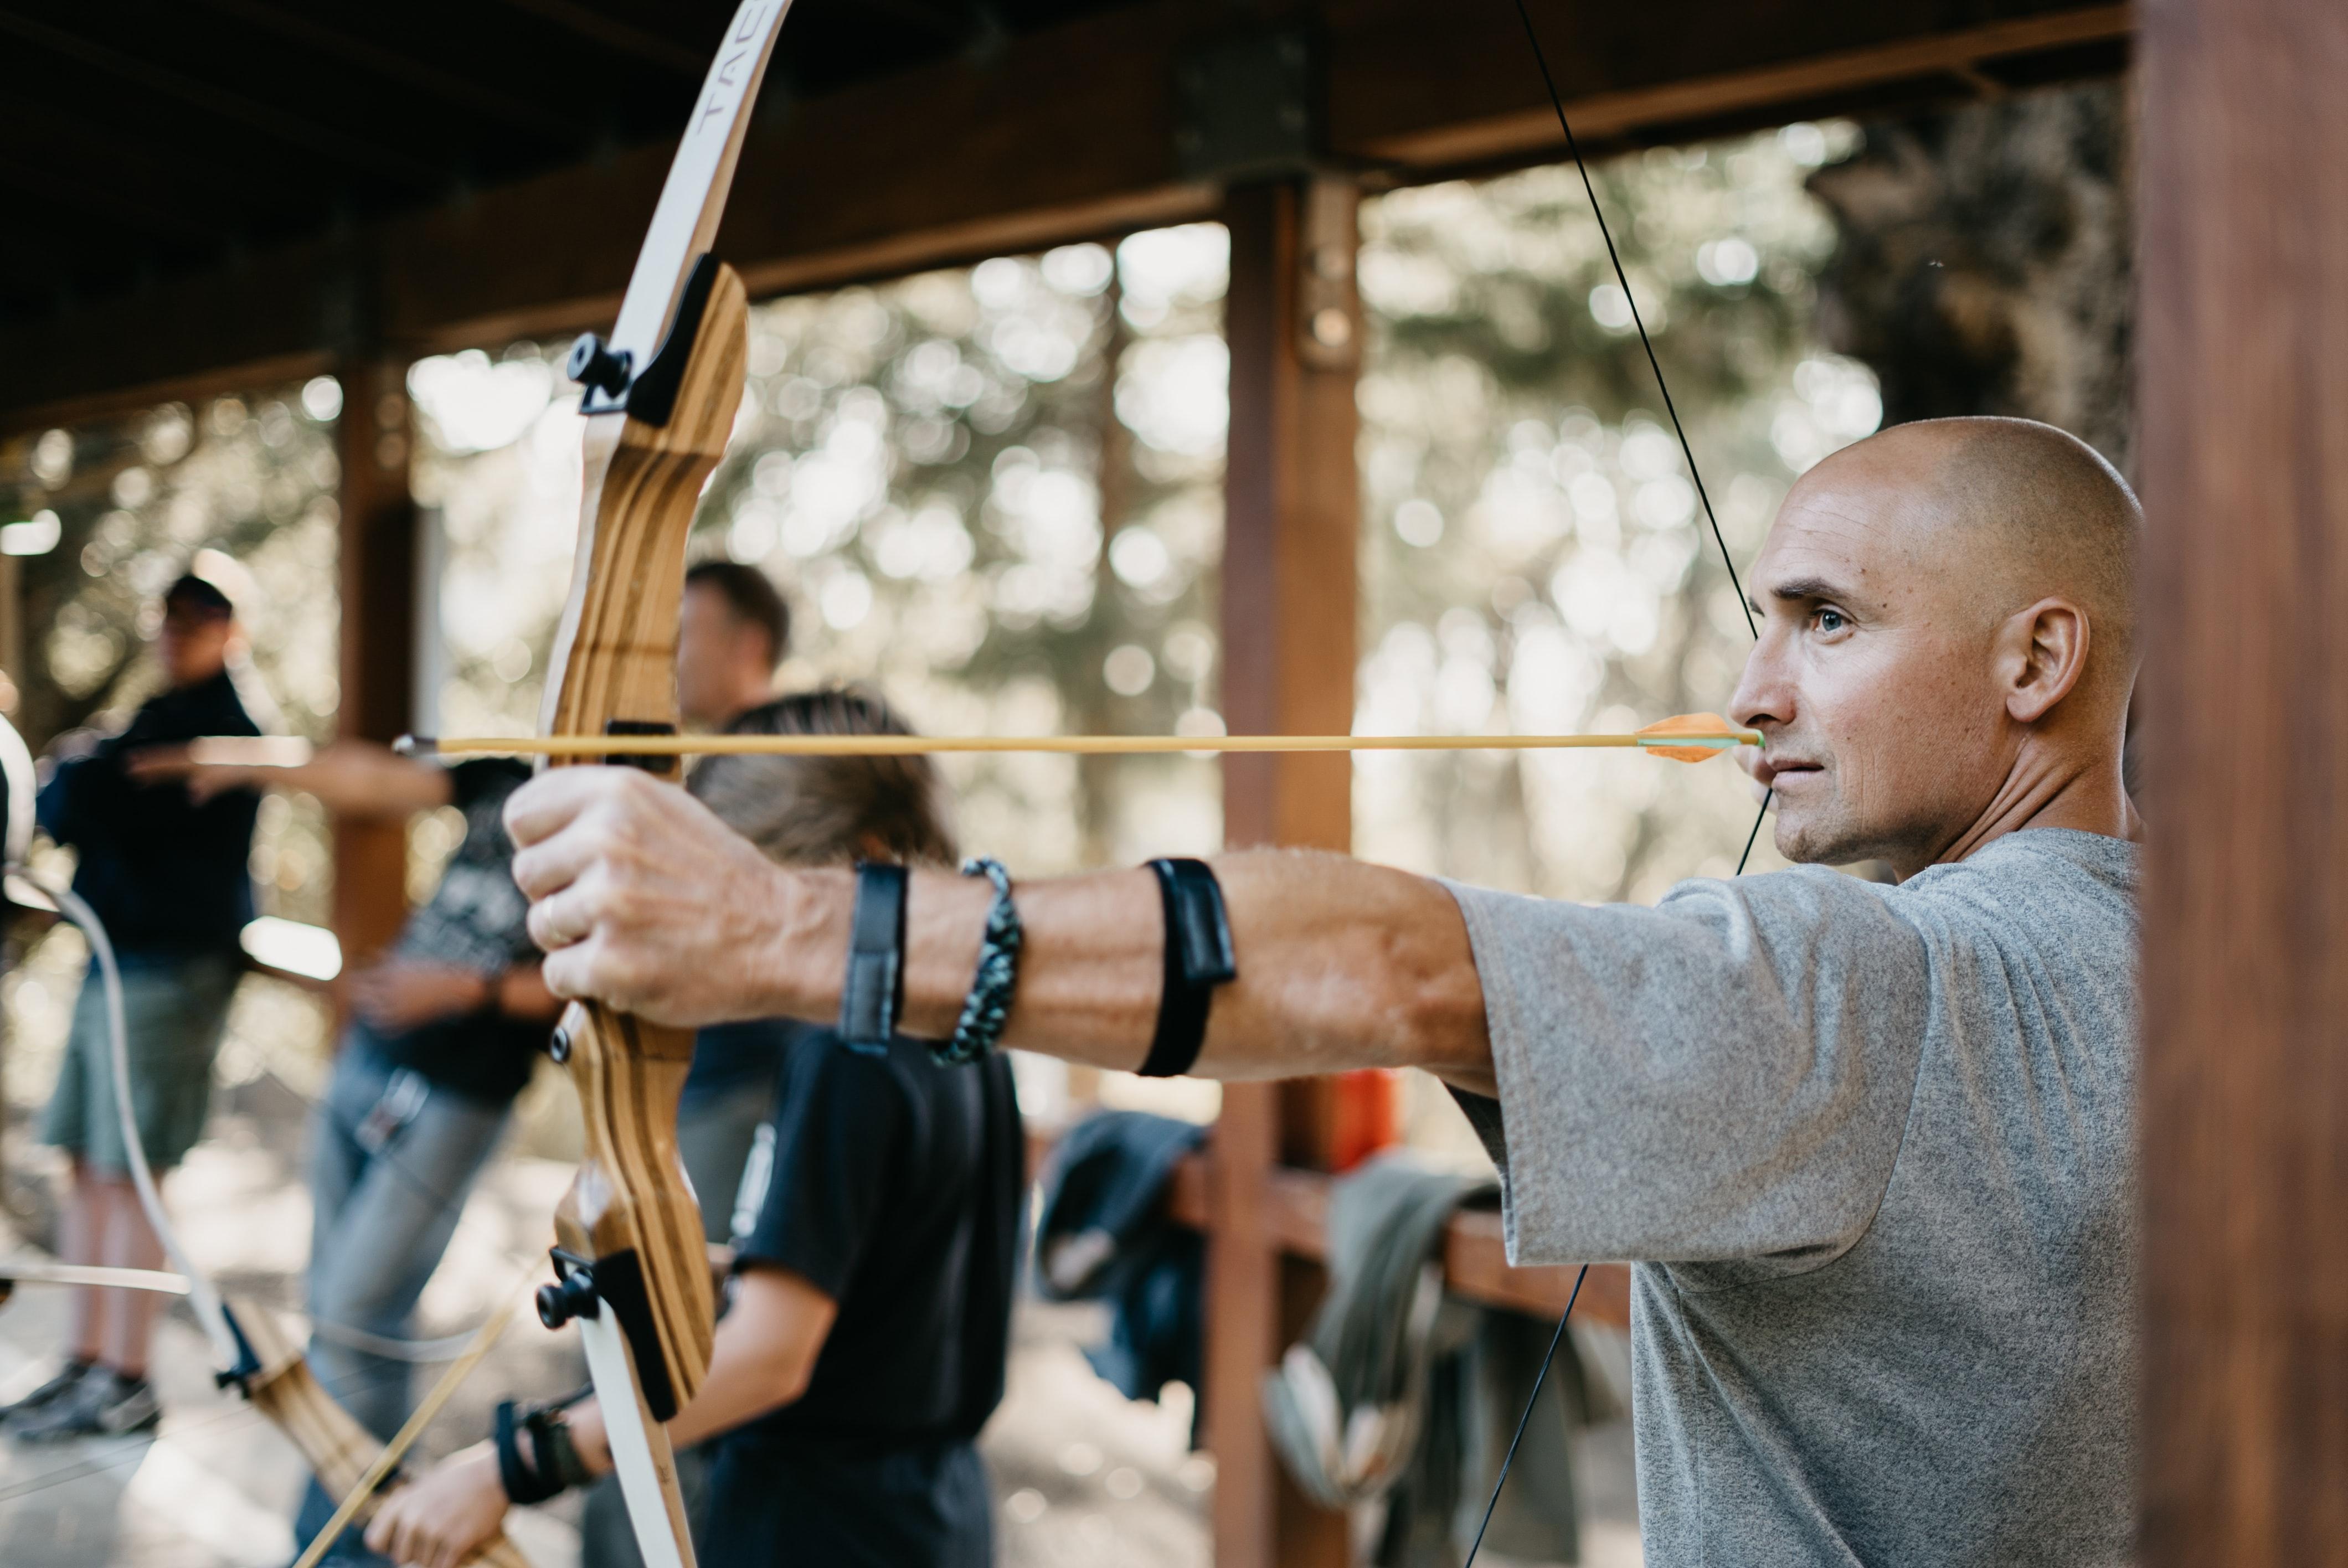 Tiro con l'arco: ecco 5 buoni motivi per praticarlo